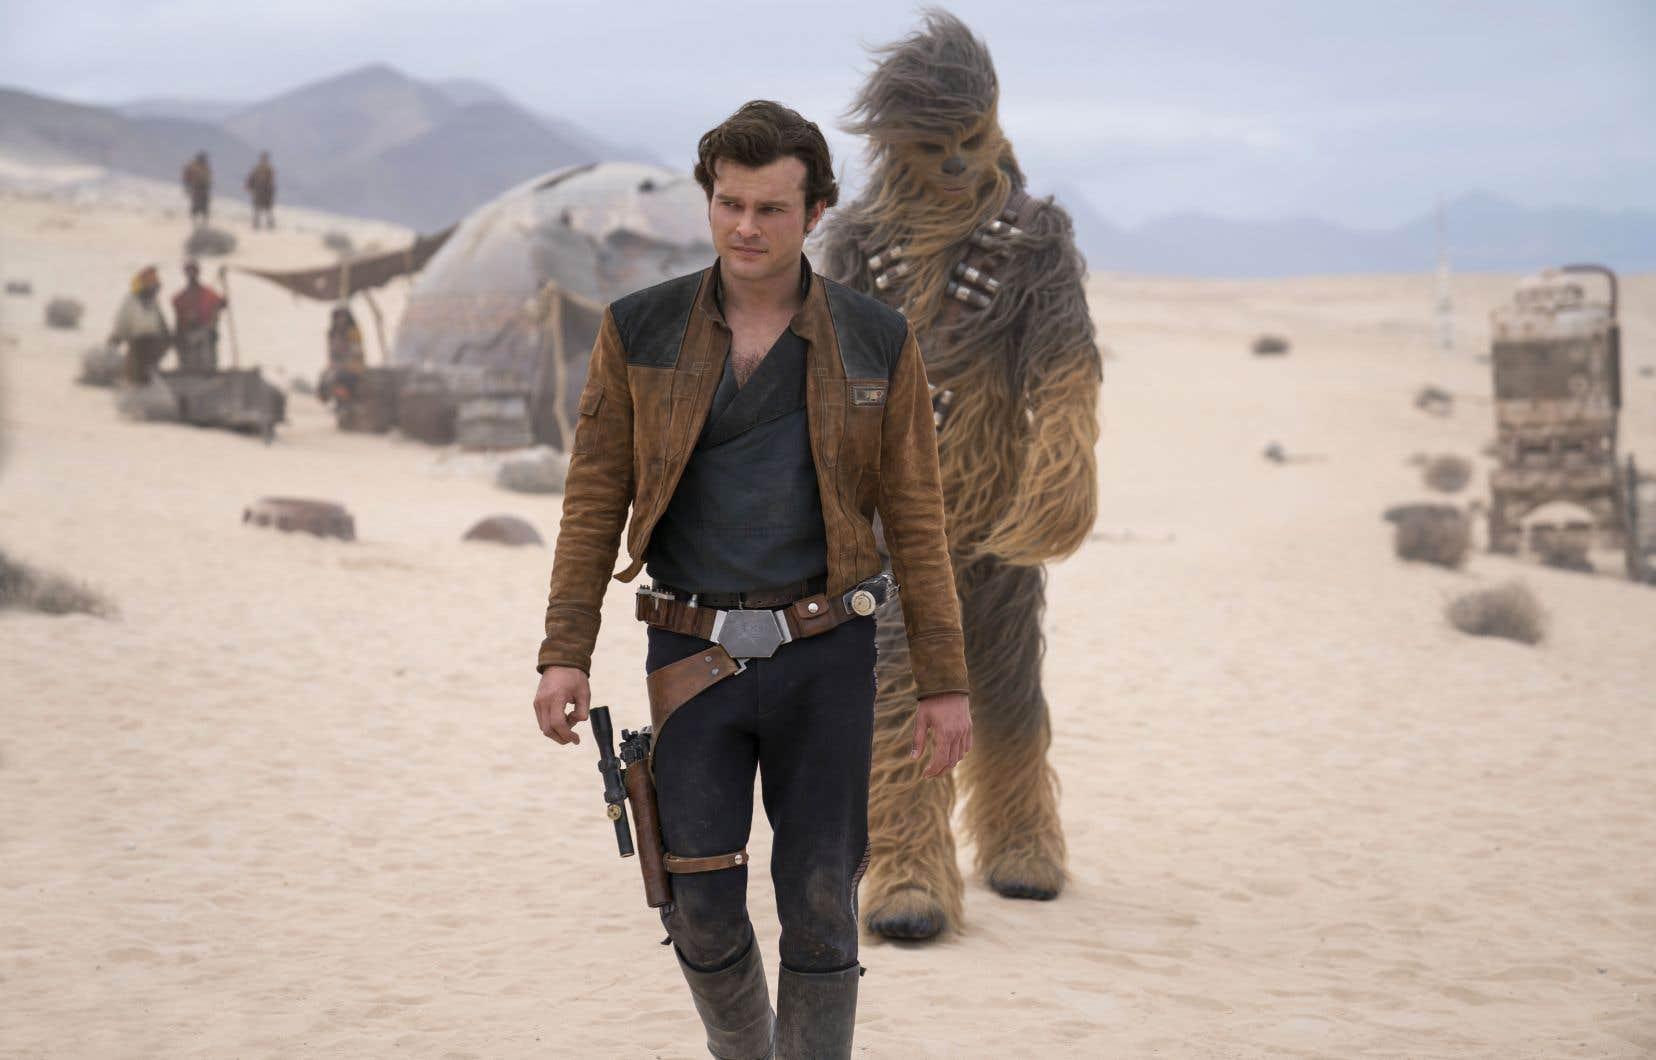 Le mythique personnage de Han Solo dans sa prime jeunesse est campé par l'acteur américain Alden Ehrenreich.